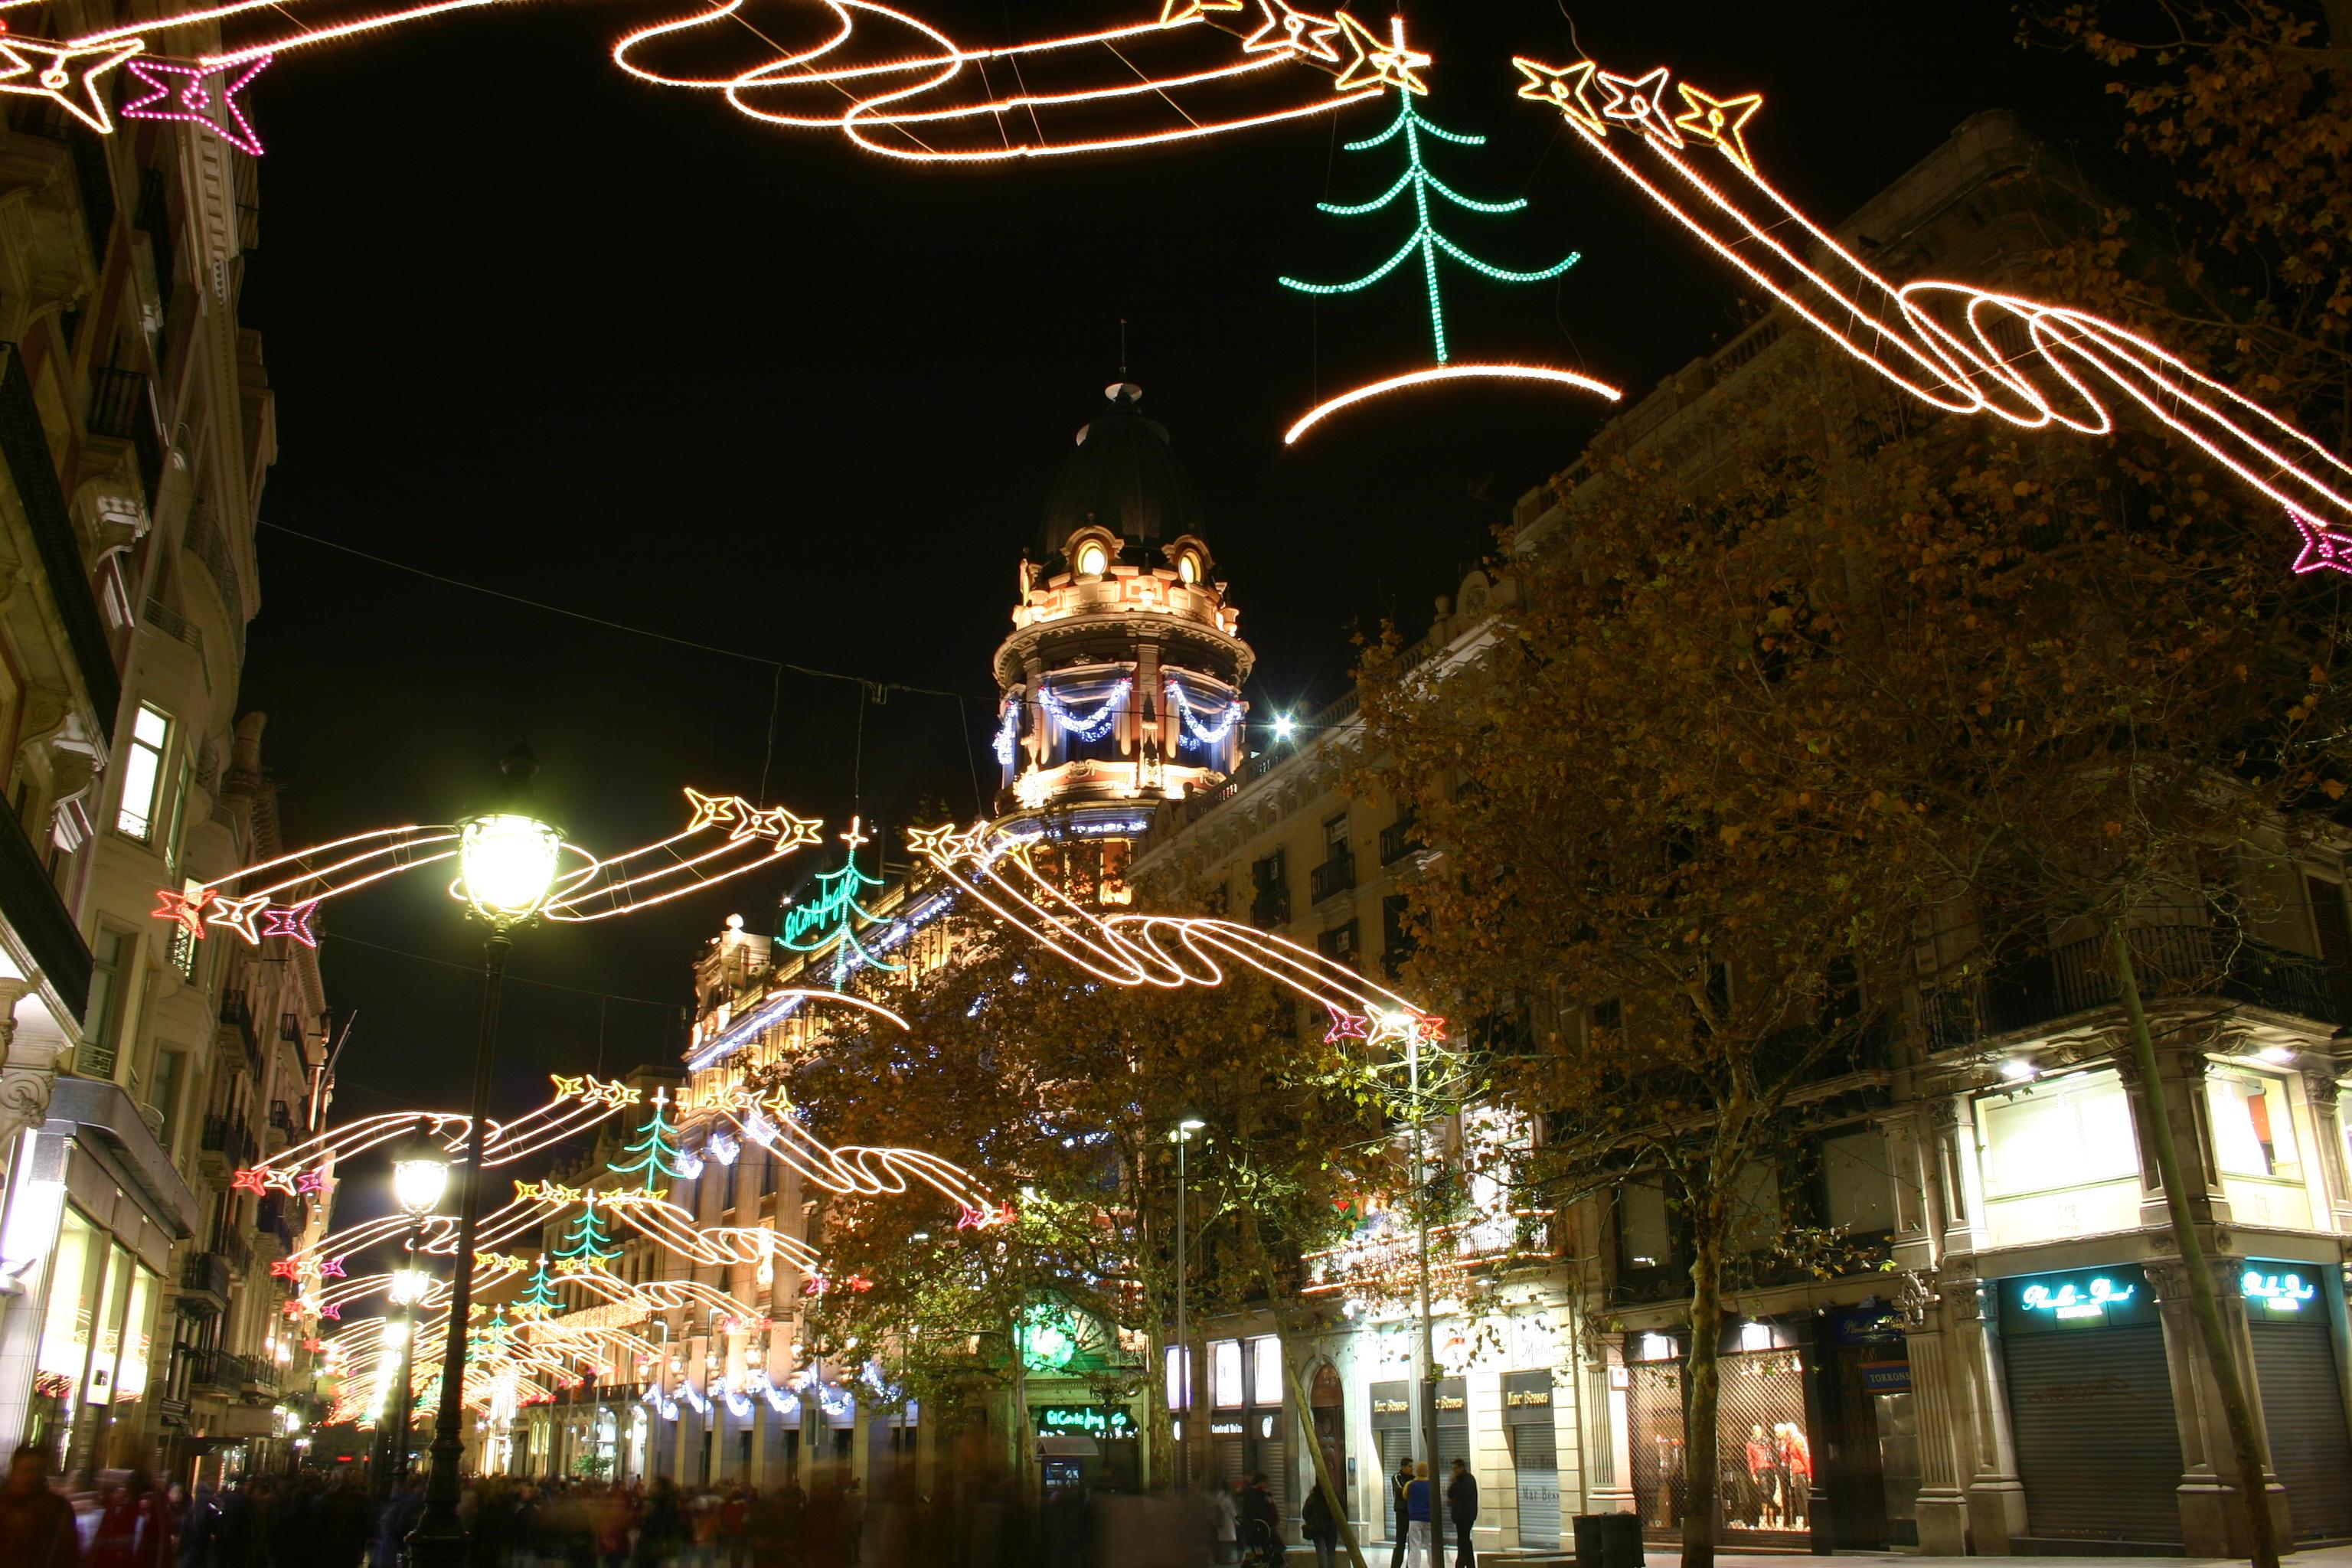 Barcellona con atmosfera natalizia / Wikipedia / Wikimedia commons